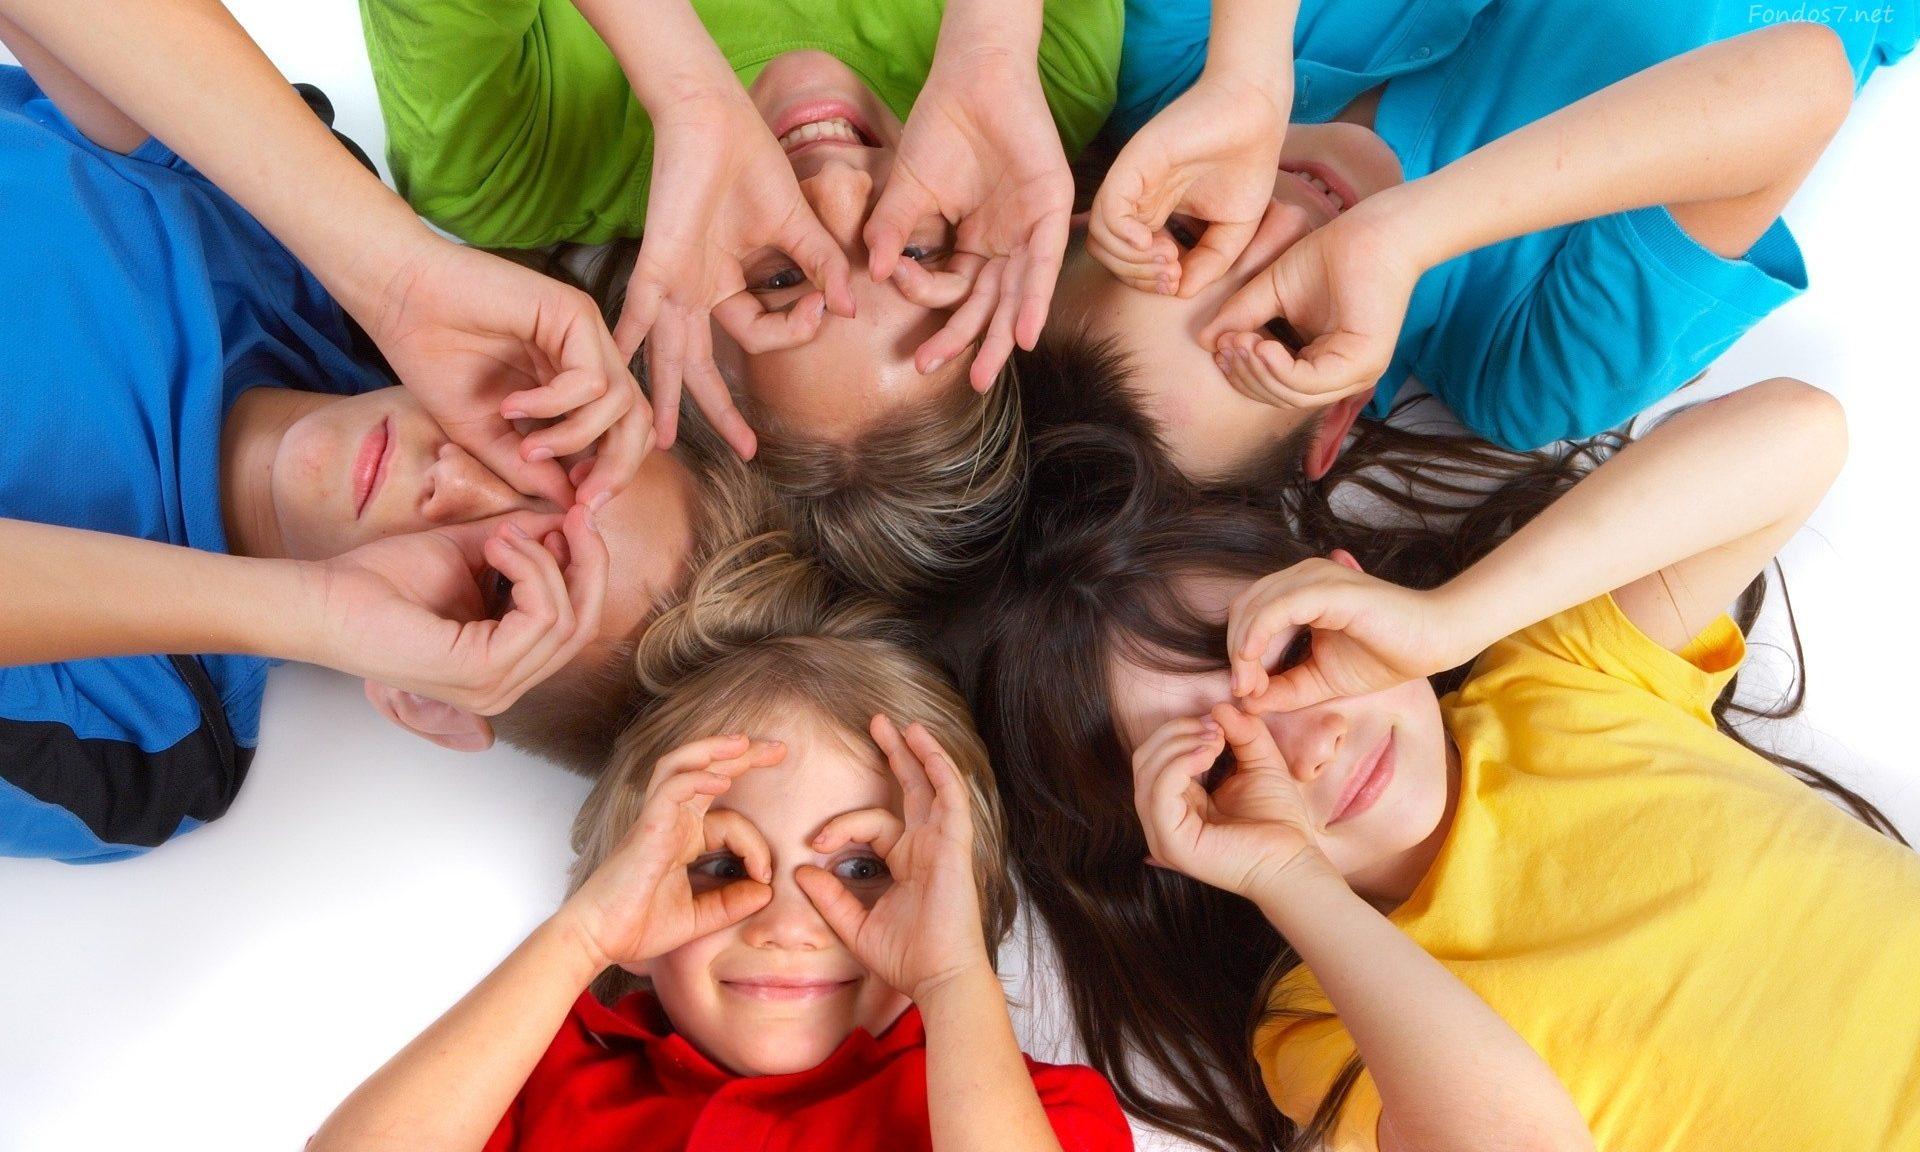 Diagnósticos y etiquetamientos patológicos en los niños